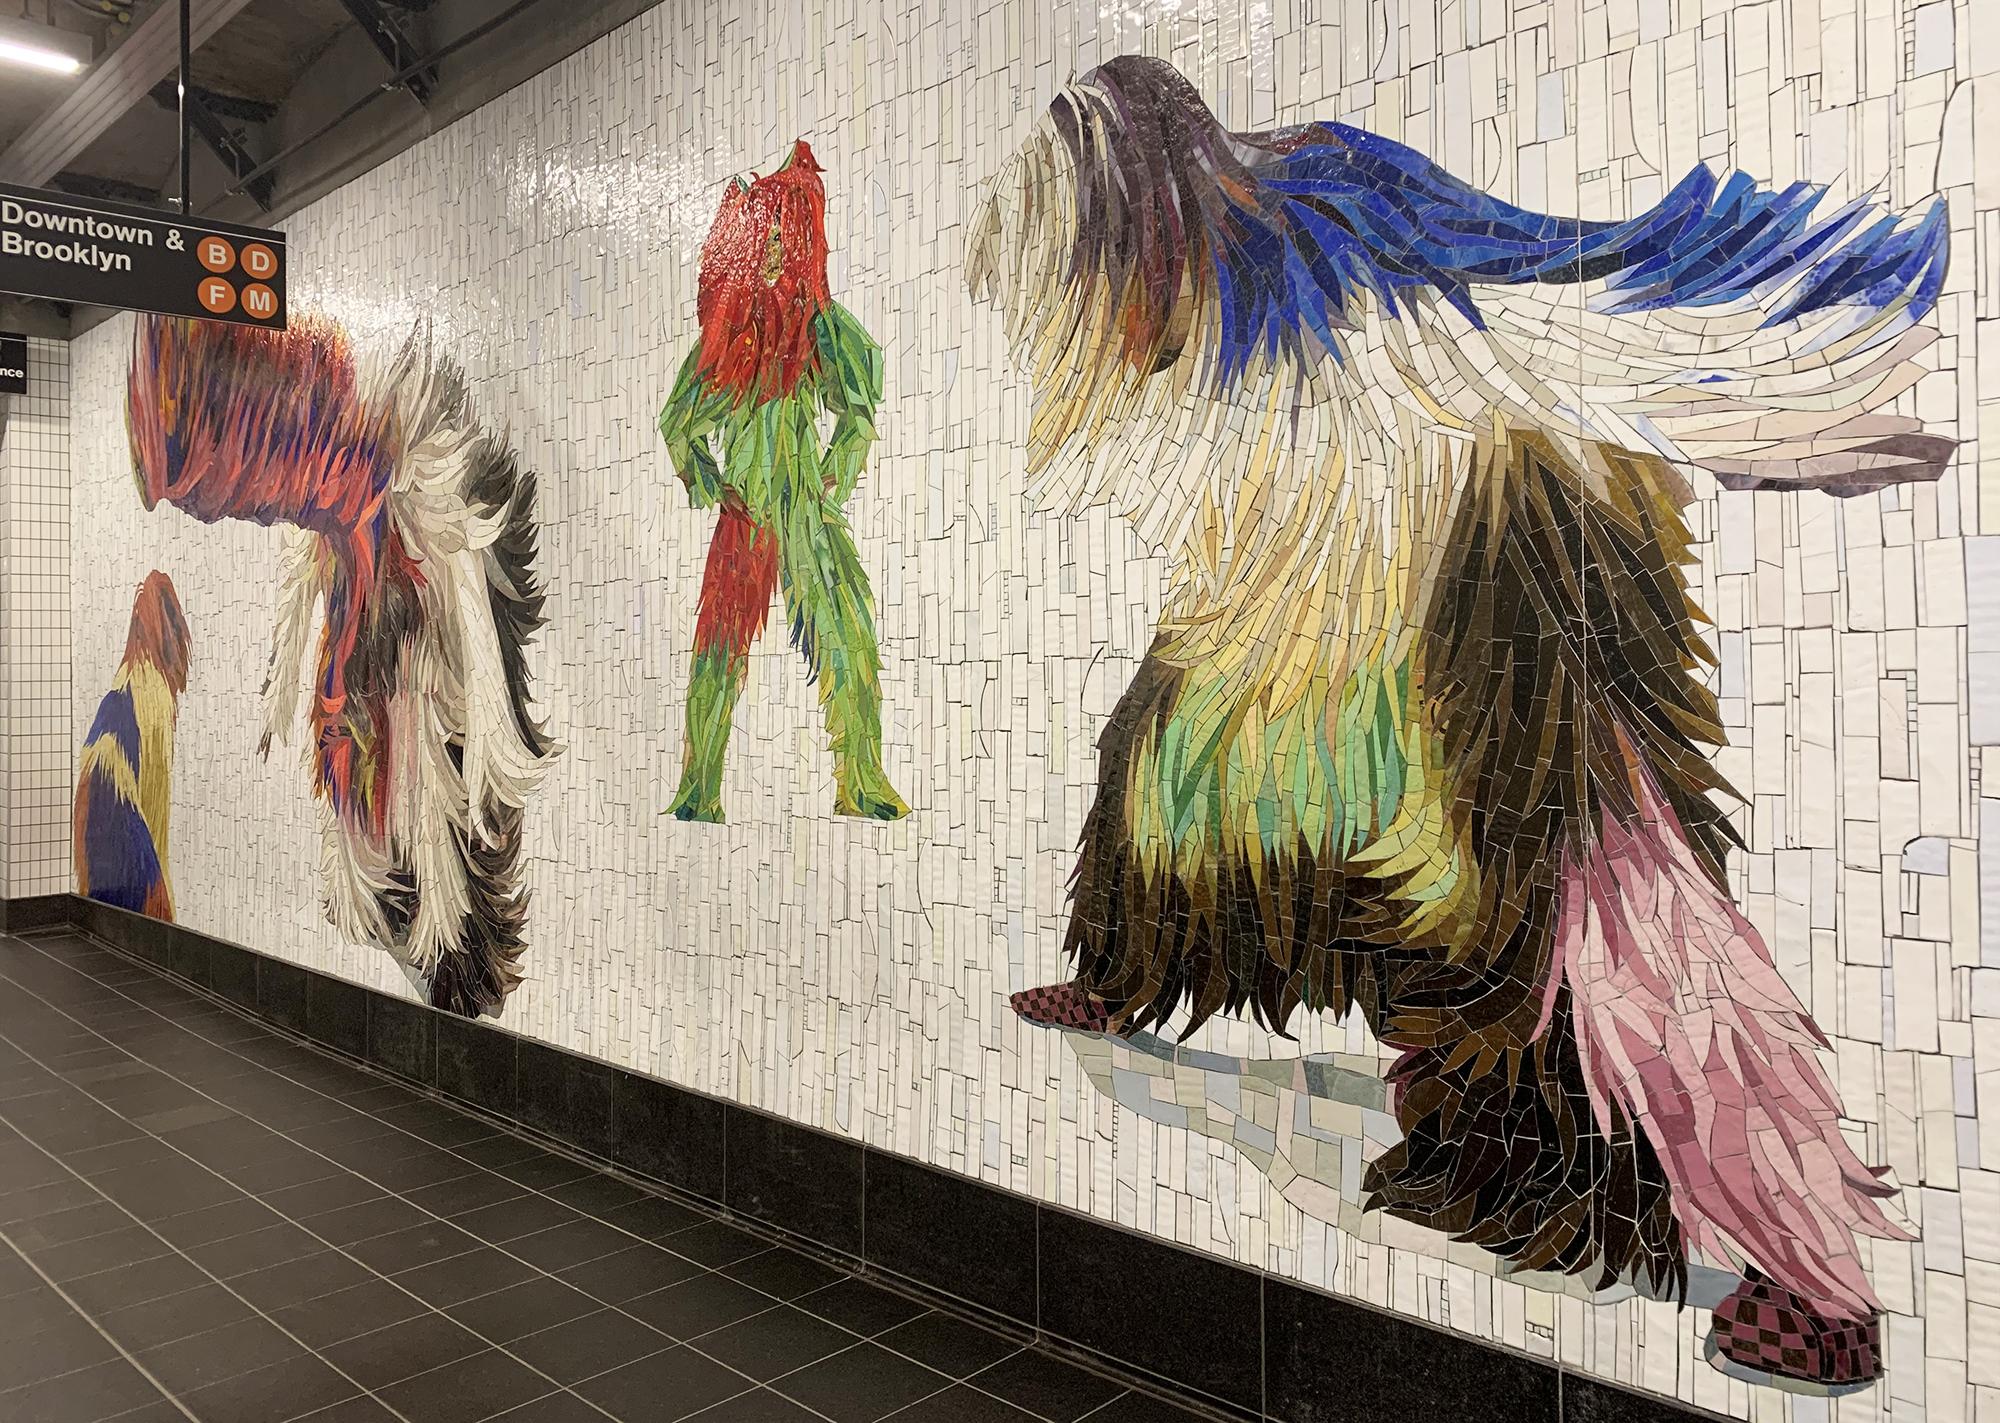 Nick Cave, subway mosaic, 42nd Street Shuttle passage, NYC subway art